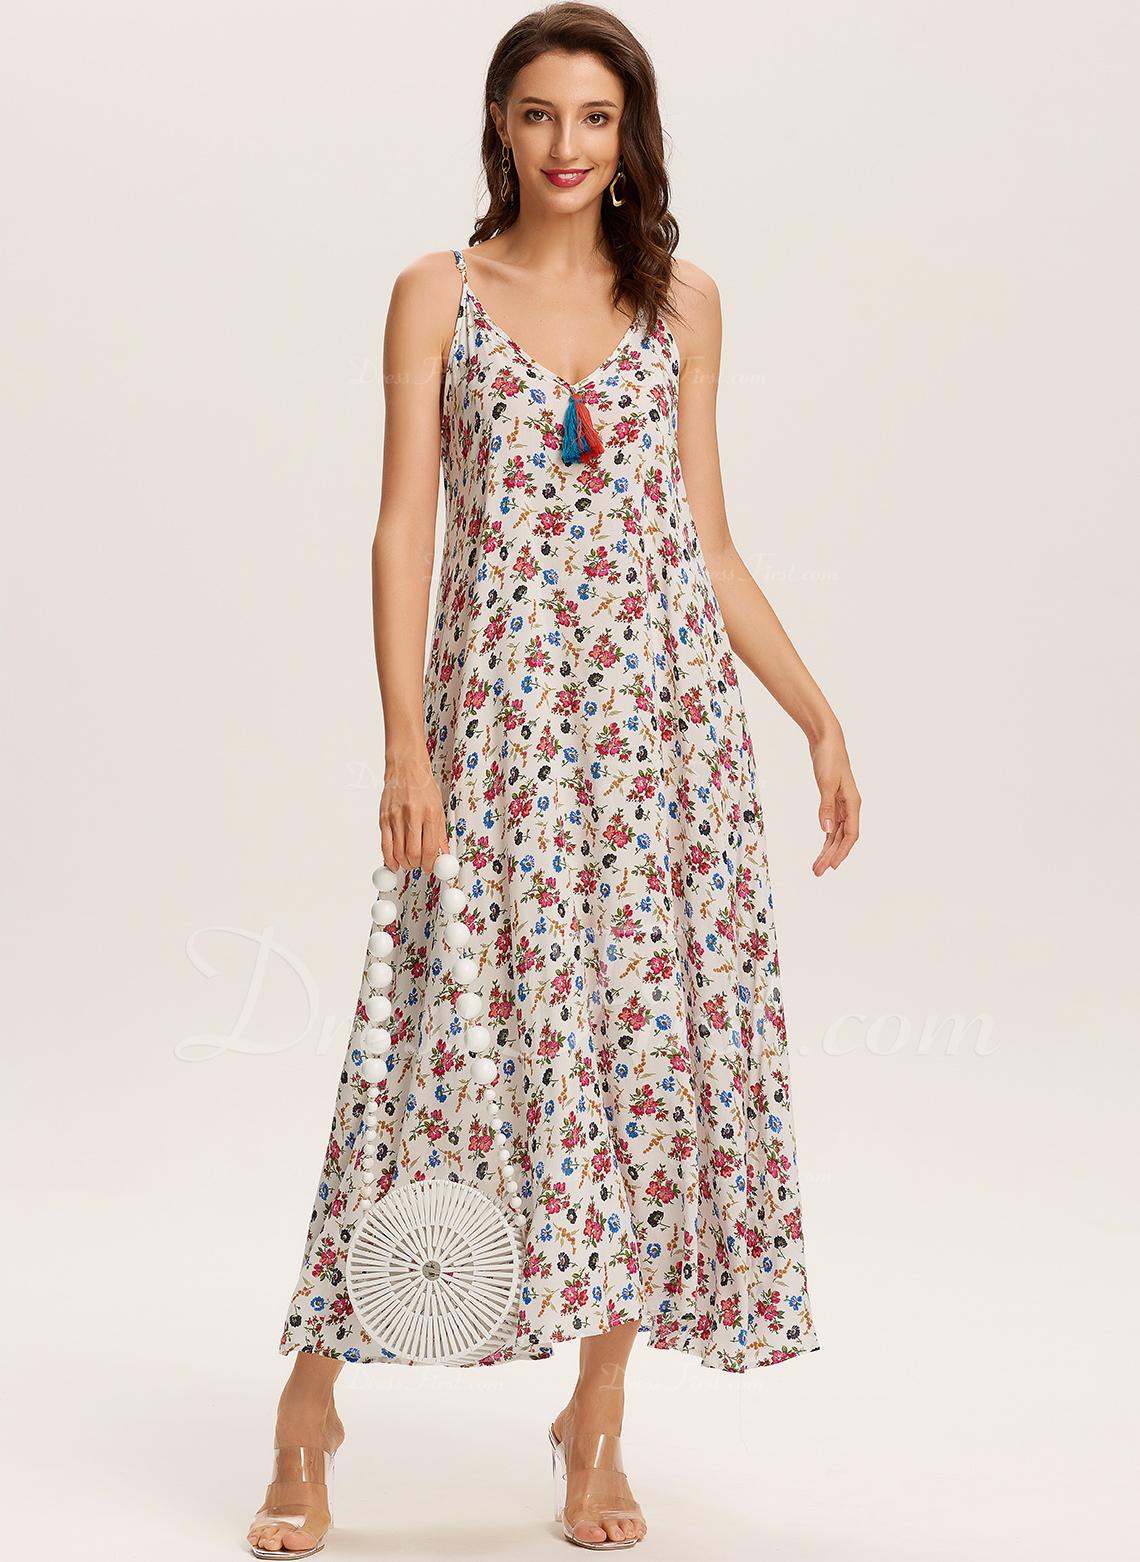 Floral Impresión Vestido línea A Sin mangas Maxi Boho Casual Vacaciones Patinador Vestidos de moda